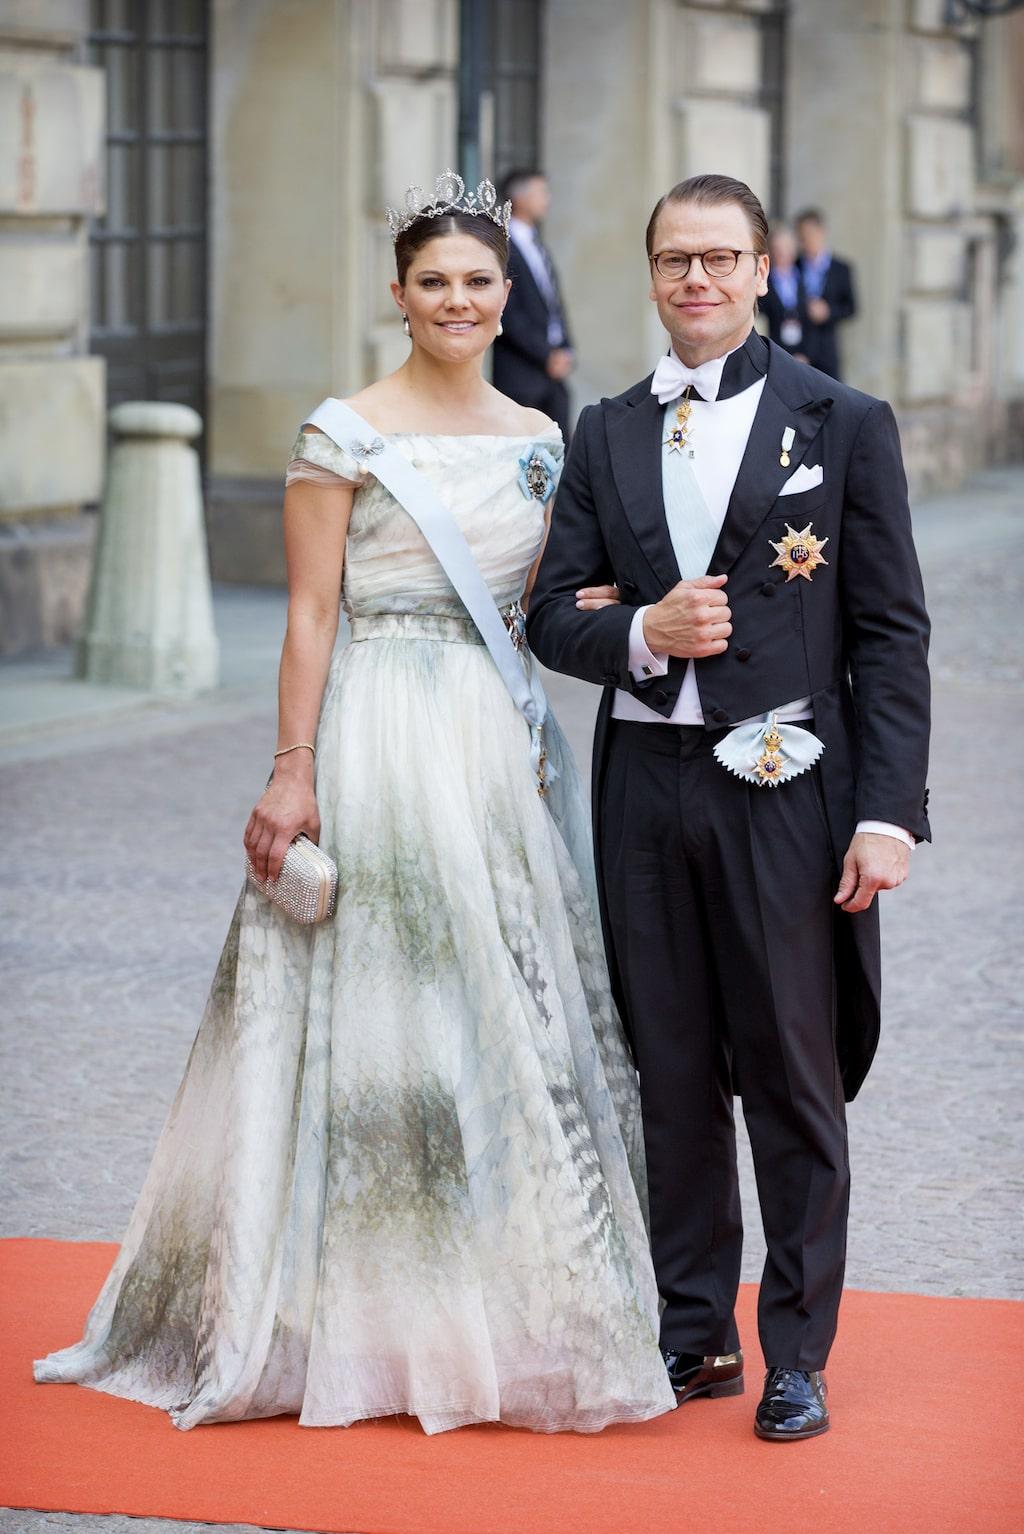 En som gärna bär H&M:s kläder är vår kronprinsessa Victoria. På prins Carl Philips och Sofias bröllop 2015 hade hon en specialuppsydd klänning från just kollektionen Conscious Collection.